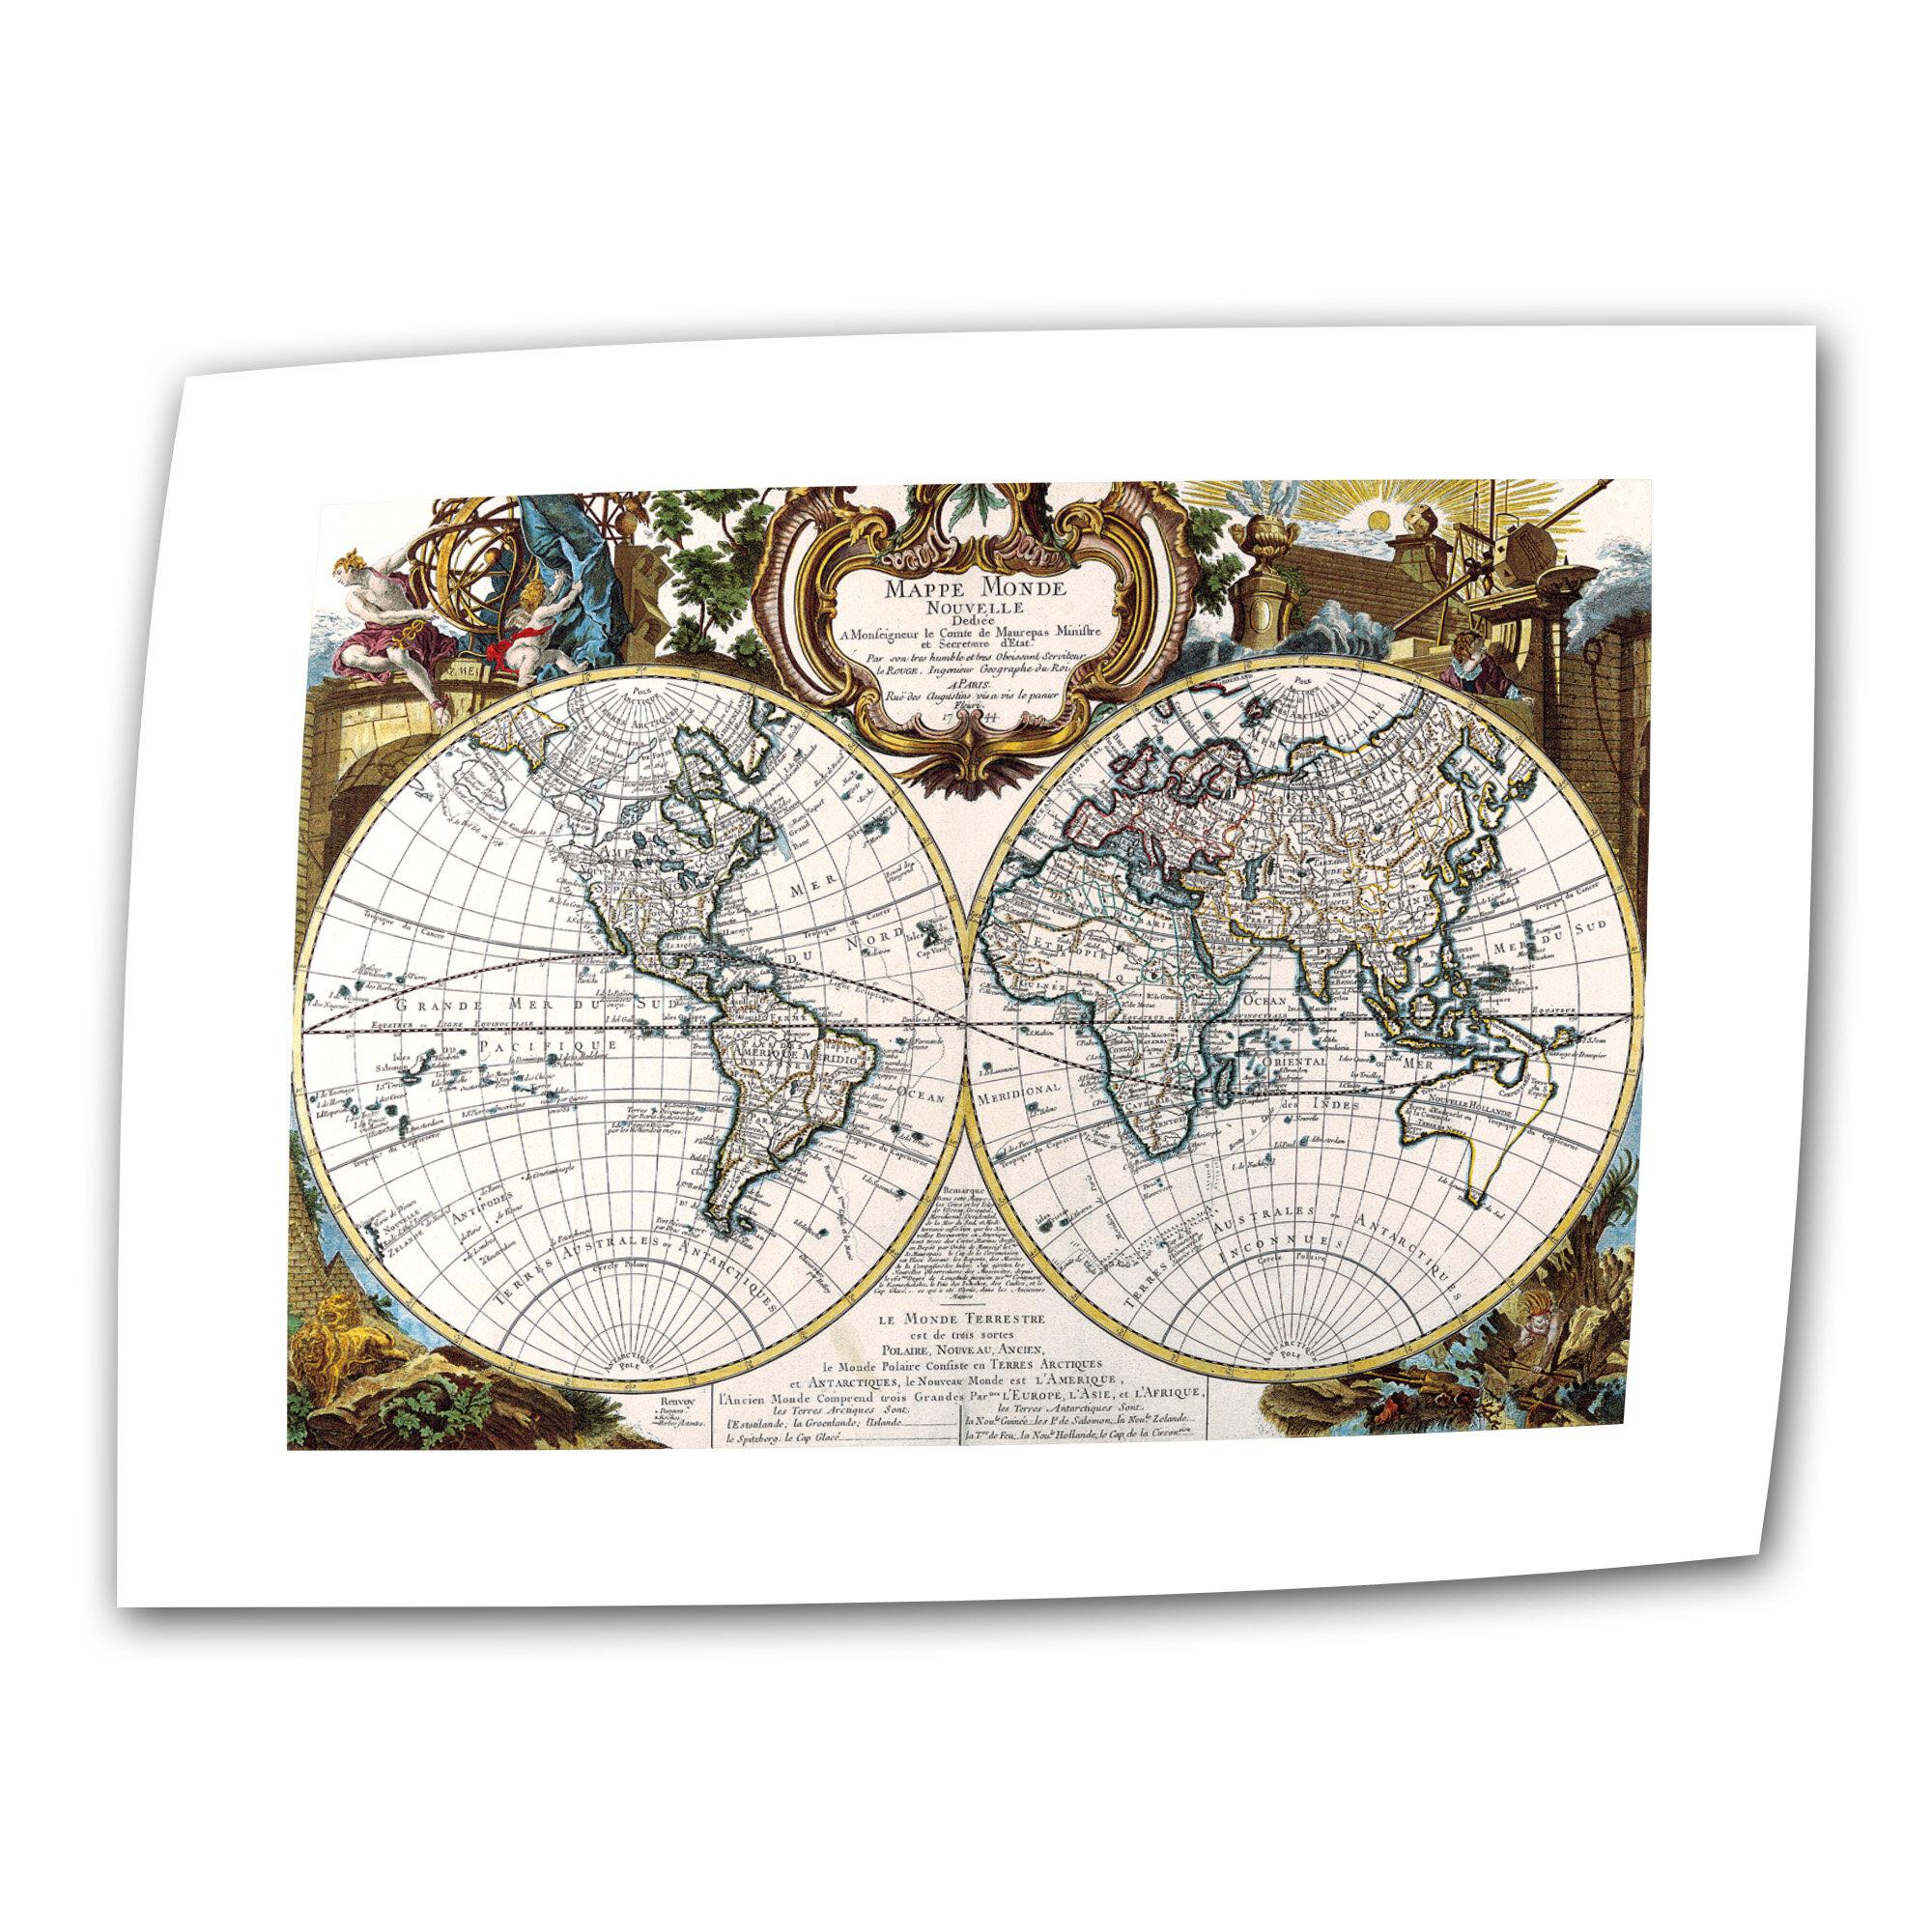 Artwall antique antique world map circa 1499 graphic art on rolled artwall antique antique world map circa 1499 graphic art on rolled canvas wayfair gumiabroncs Gallery